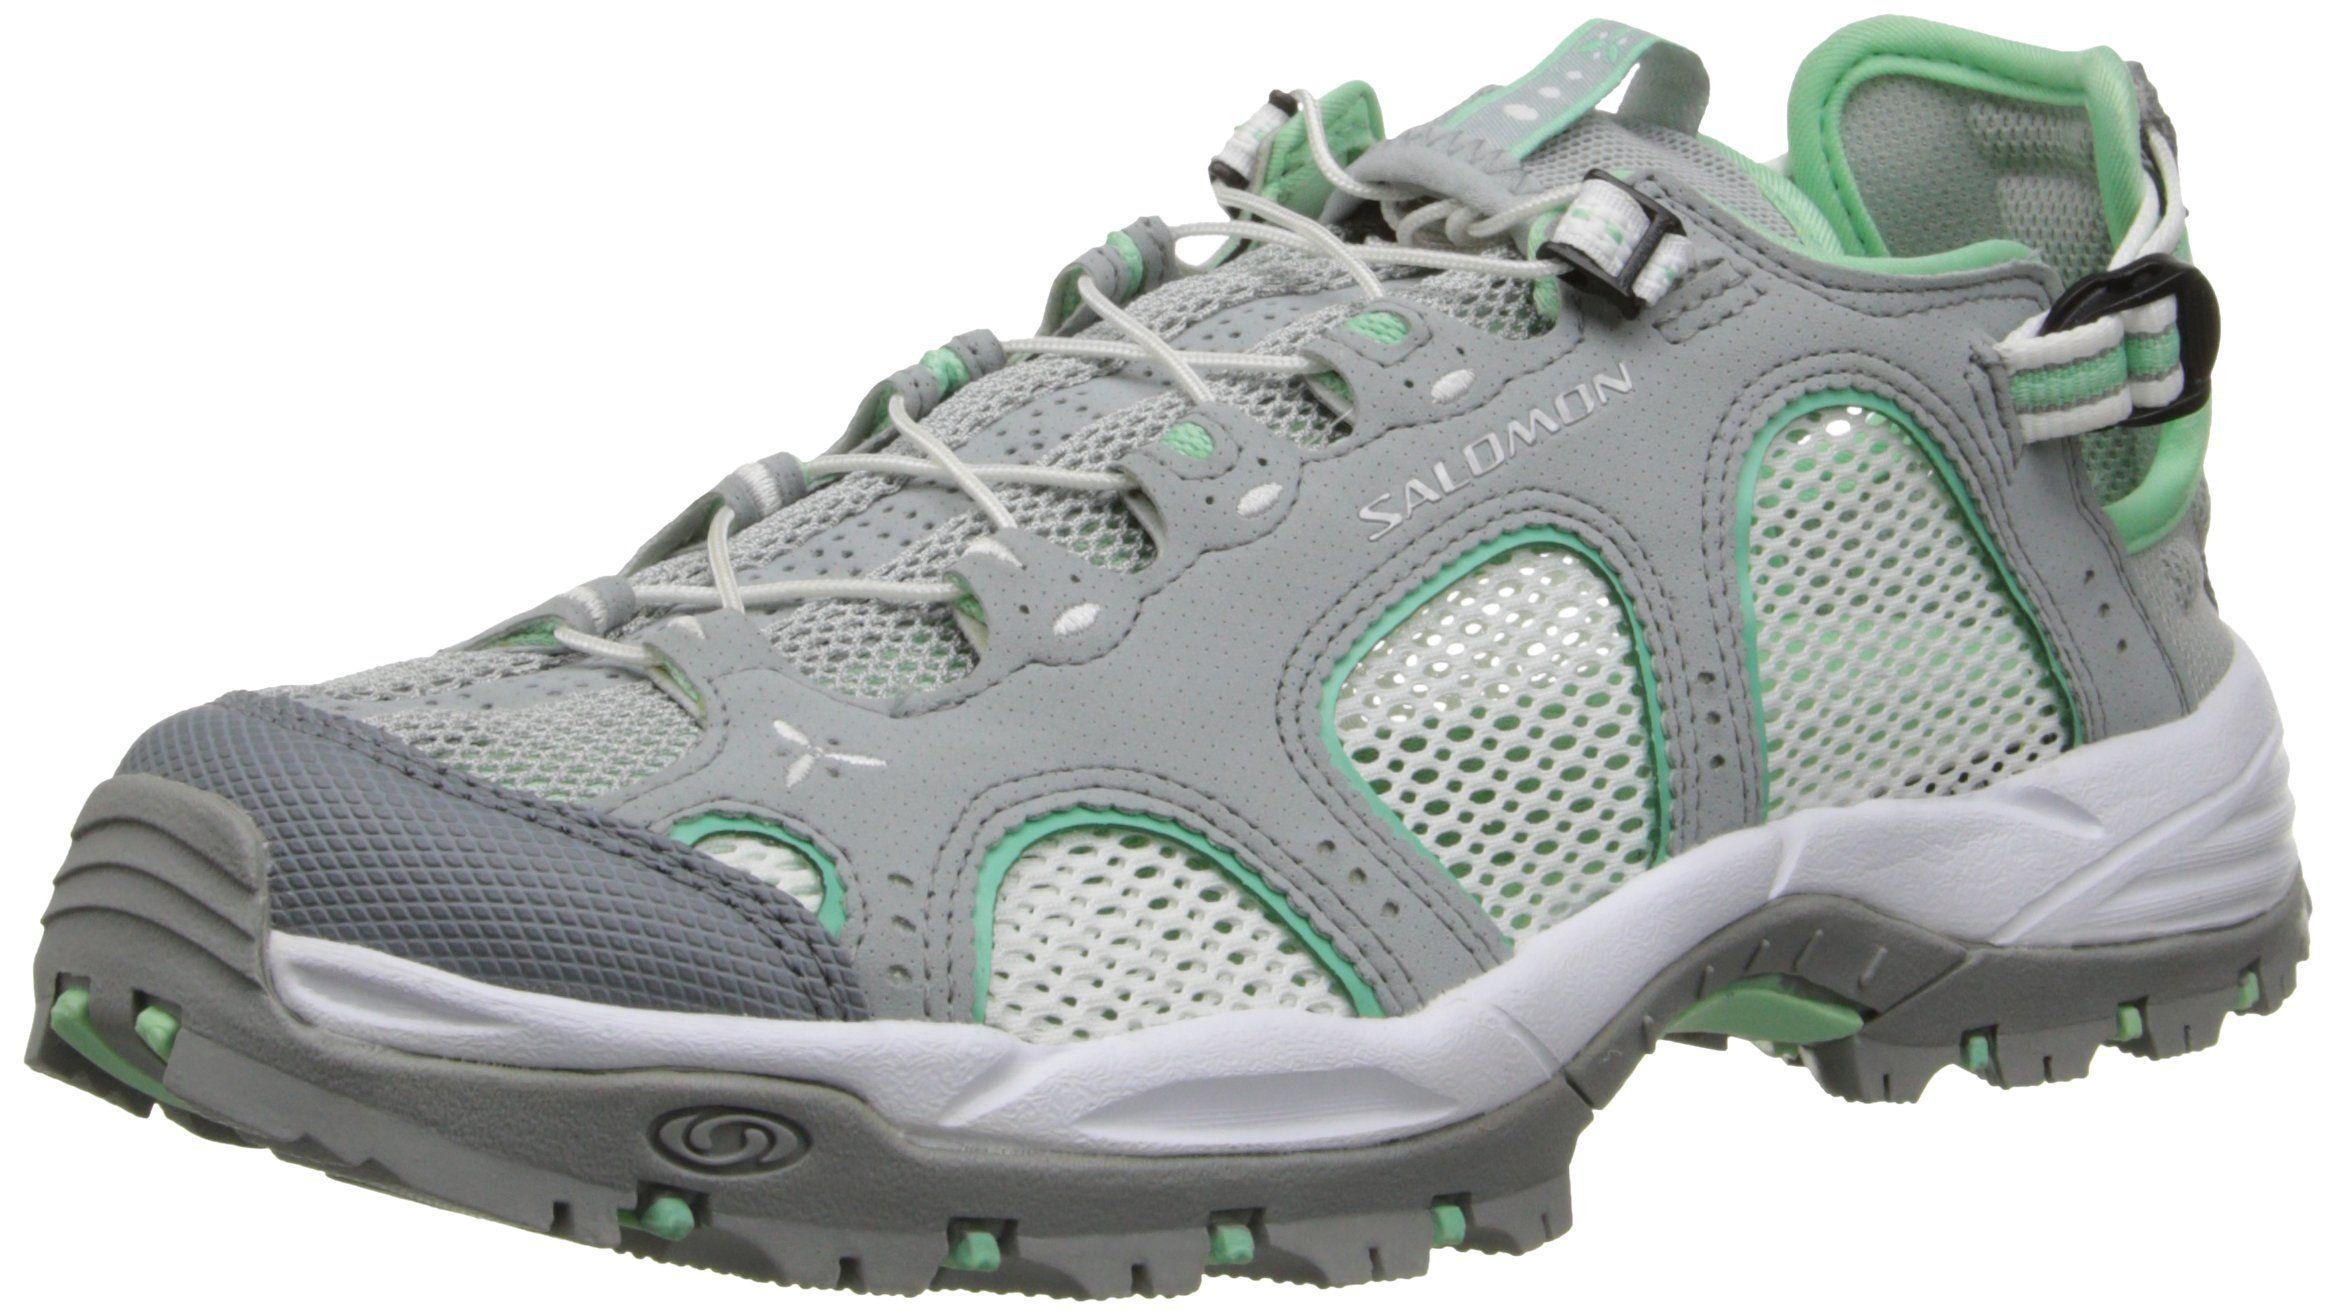 Techamphibian 3 W Sandal: Shoes